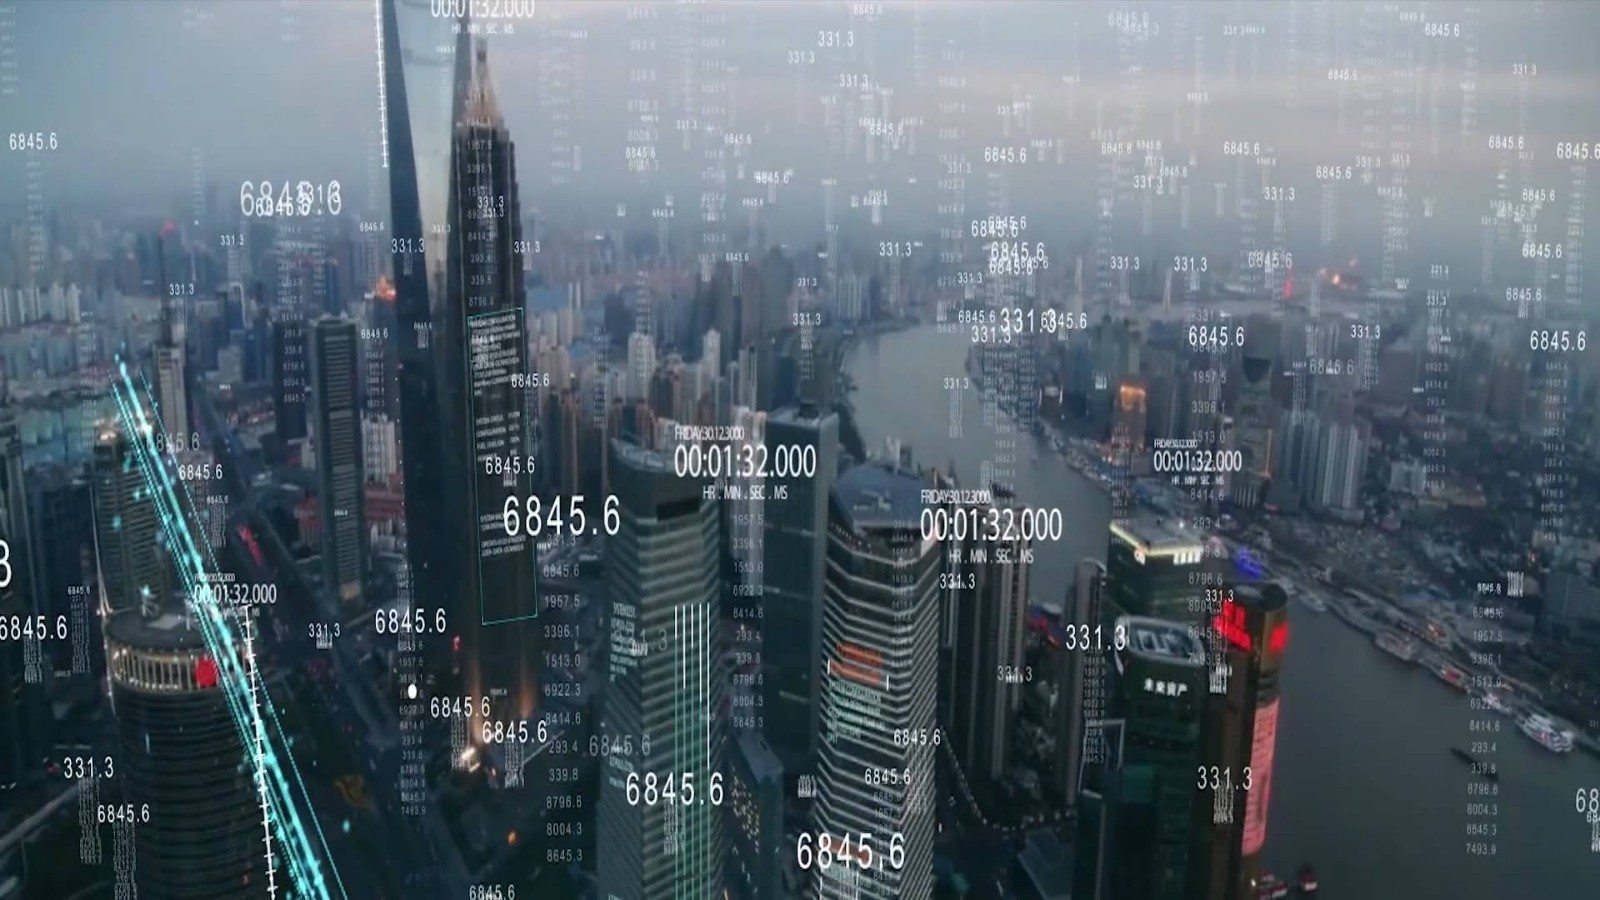 人工智能助推金融业务数字化转型